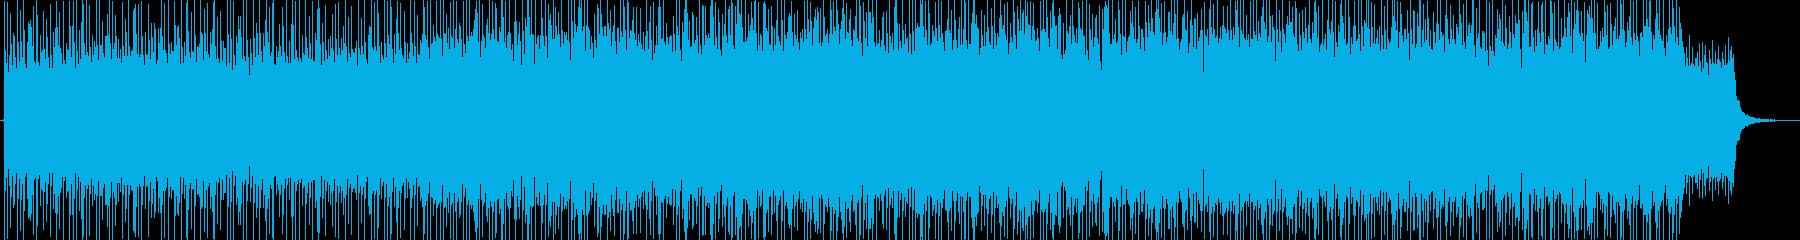 軽快・映像・解説・ナレーション用の再生済みの波形